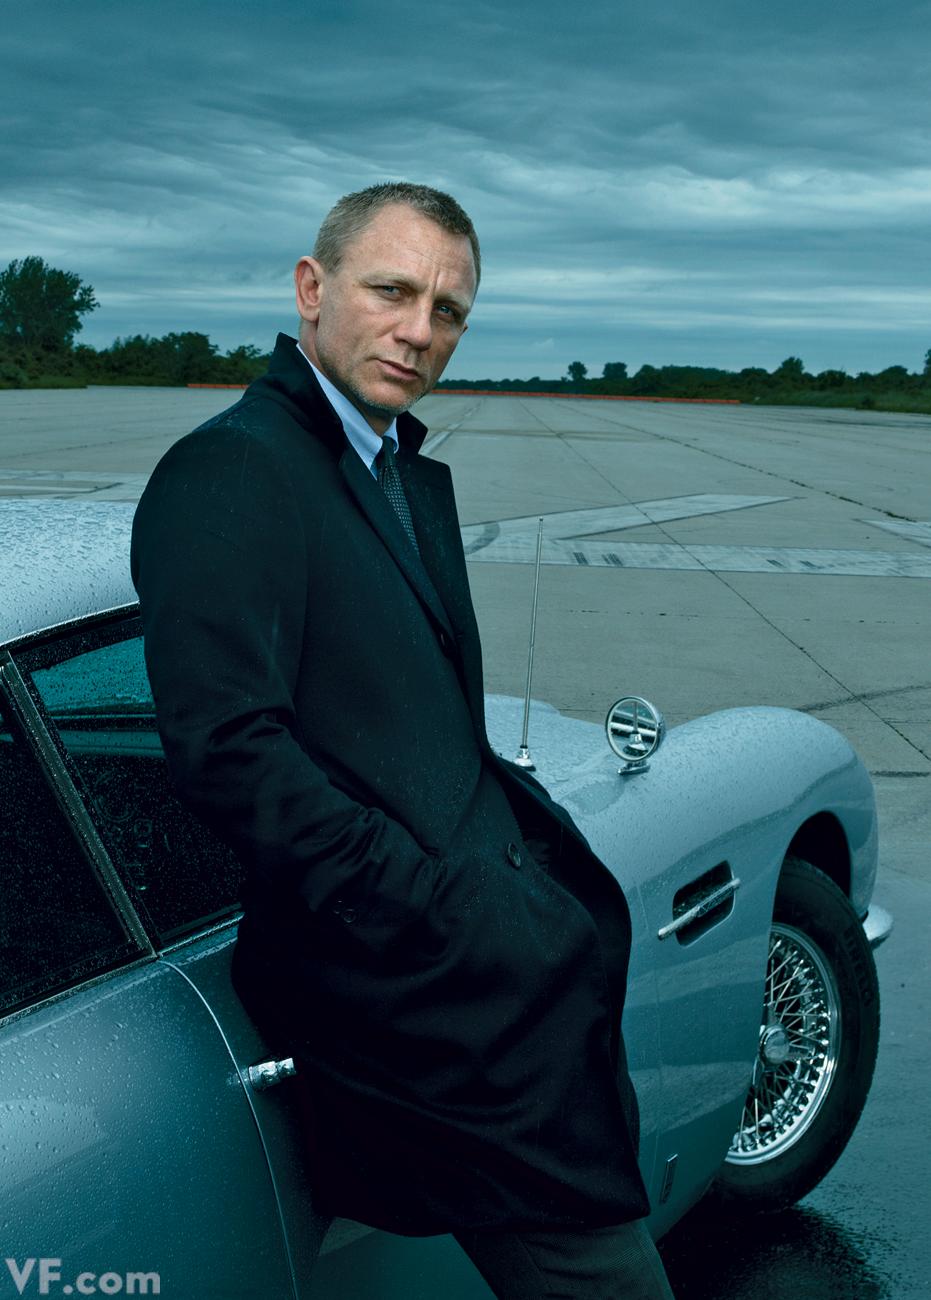 """Tarefa difícil falar sobre a importância e a influência do atual James Bond. Daniel Craig nasceu em Chester, no oeste da Inglaterra e desde os 38 anos vive o espião mais famoso do Reino Unido. Também o mais elegante. Aos 47 anos, Craig vive o auge da carreira, tendo participado de alguns dos filmes mais elegantes do cinema como """"Estrada para Perdição"""", """"Millenium: Os Homens Que Não Amavam As Mulheres"""", além da """"007"""" com """"Casino Royale"""", """"Quantum of Solace"""", """"Skyfall"""" e o mais recente""""Spectre"""", ainda em processo de produção. Papéis que, ao que tudo indica, ajudaram o ator a se tornar um dos mais bem vestidos do país, sendo sempre apontado como uma referência de estilo. Inclusive por nós, é claro."""